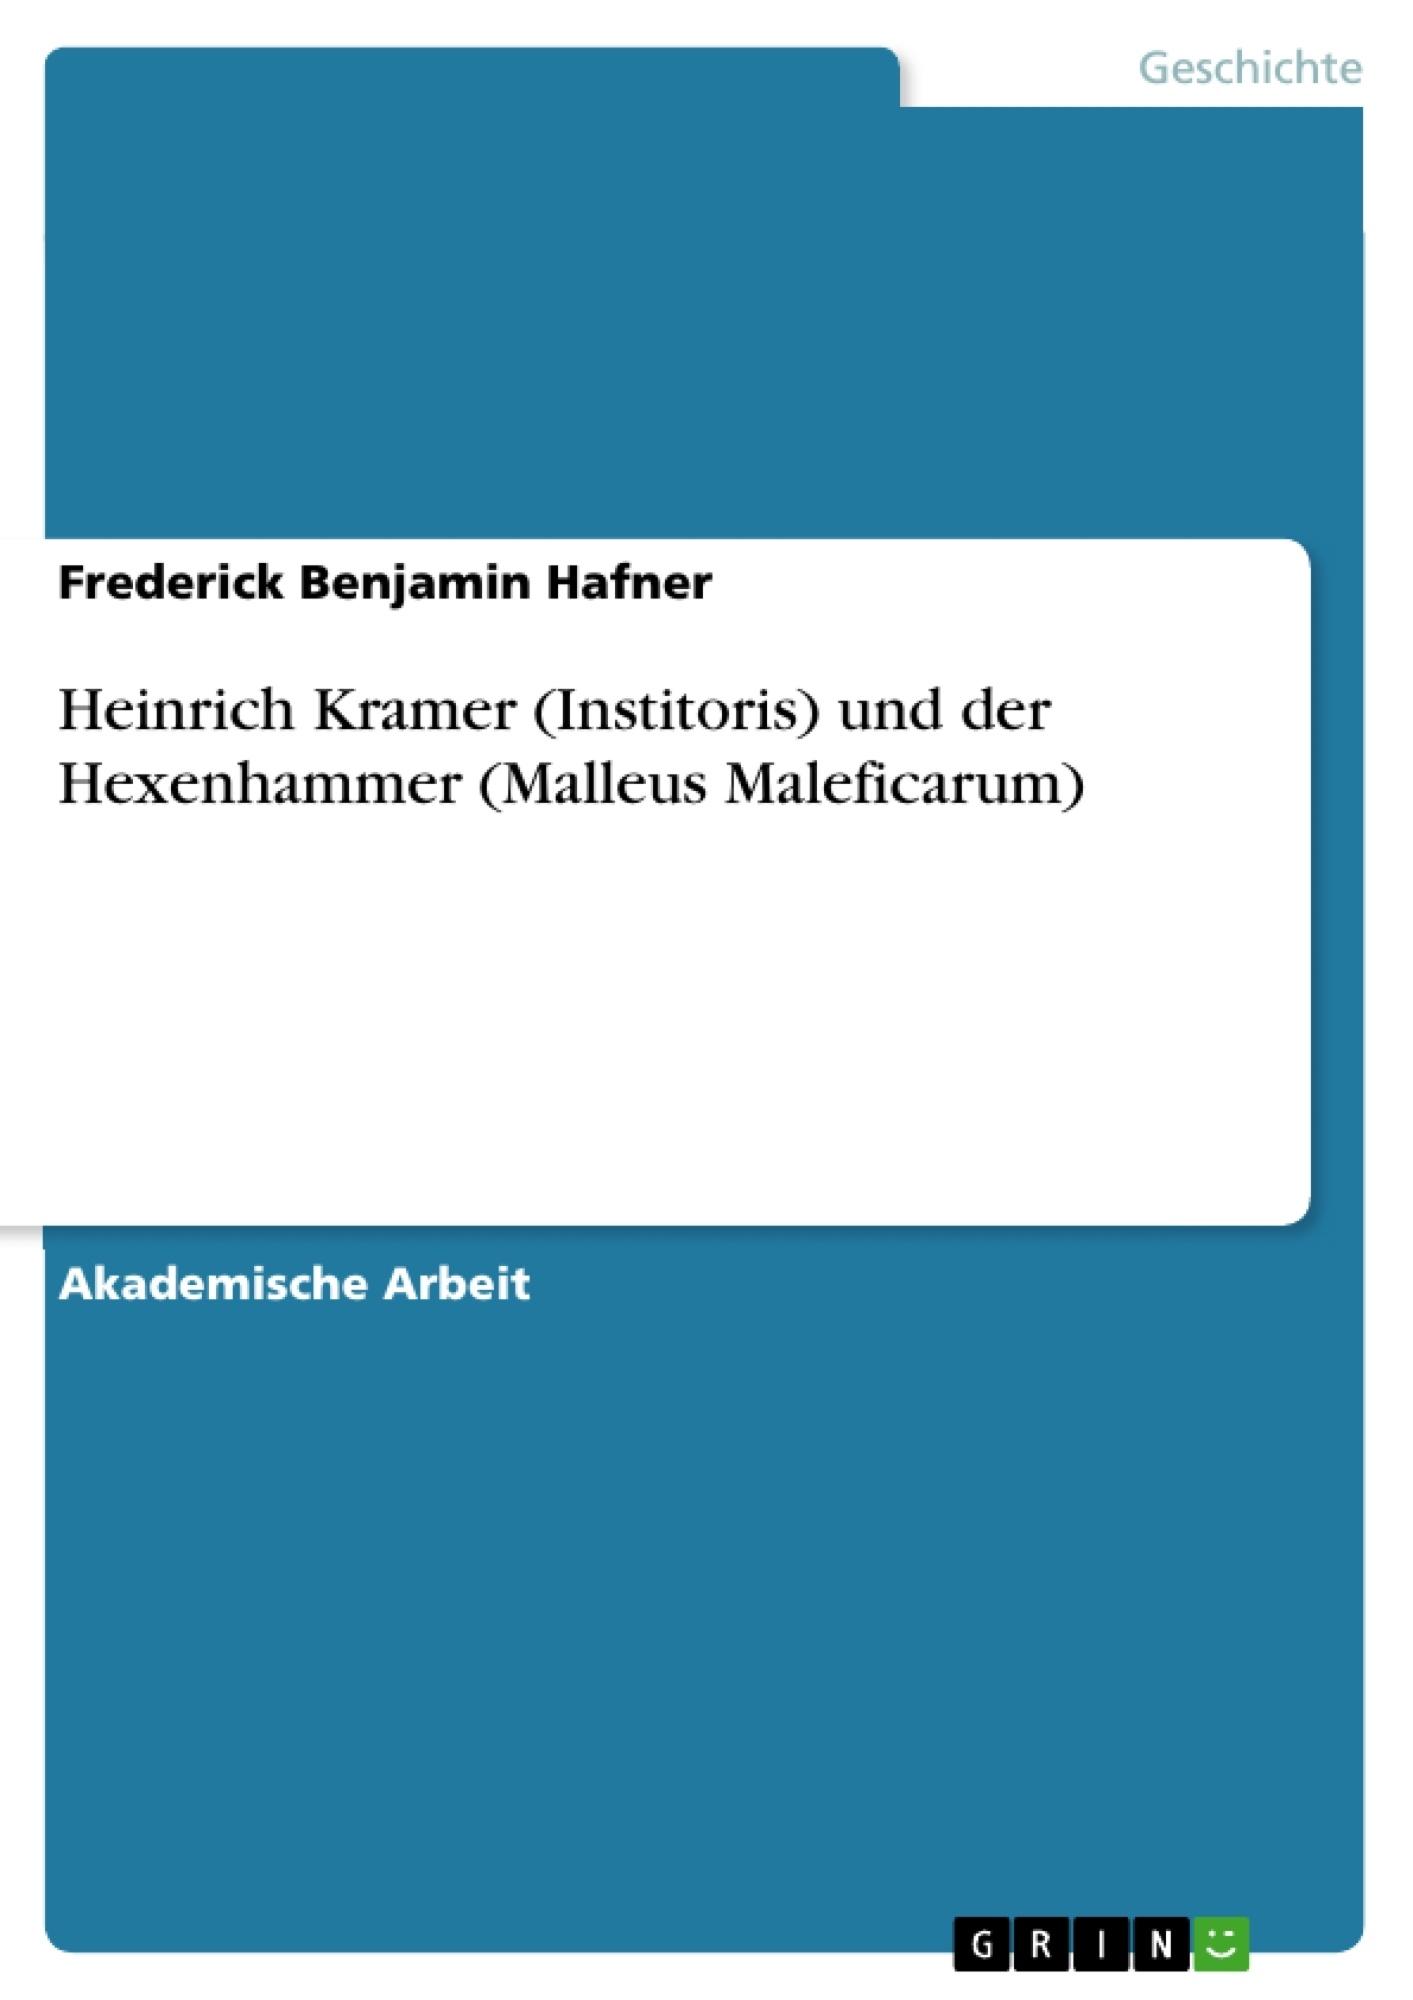 Titel: Heinrich Kramer (Institoris) und der Hexenhammer (Malleus Maleficarum)